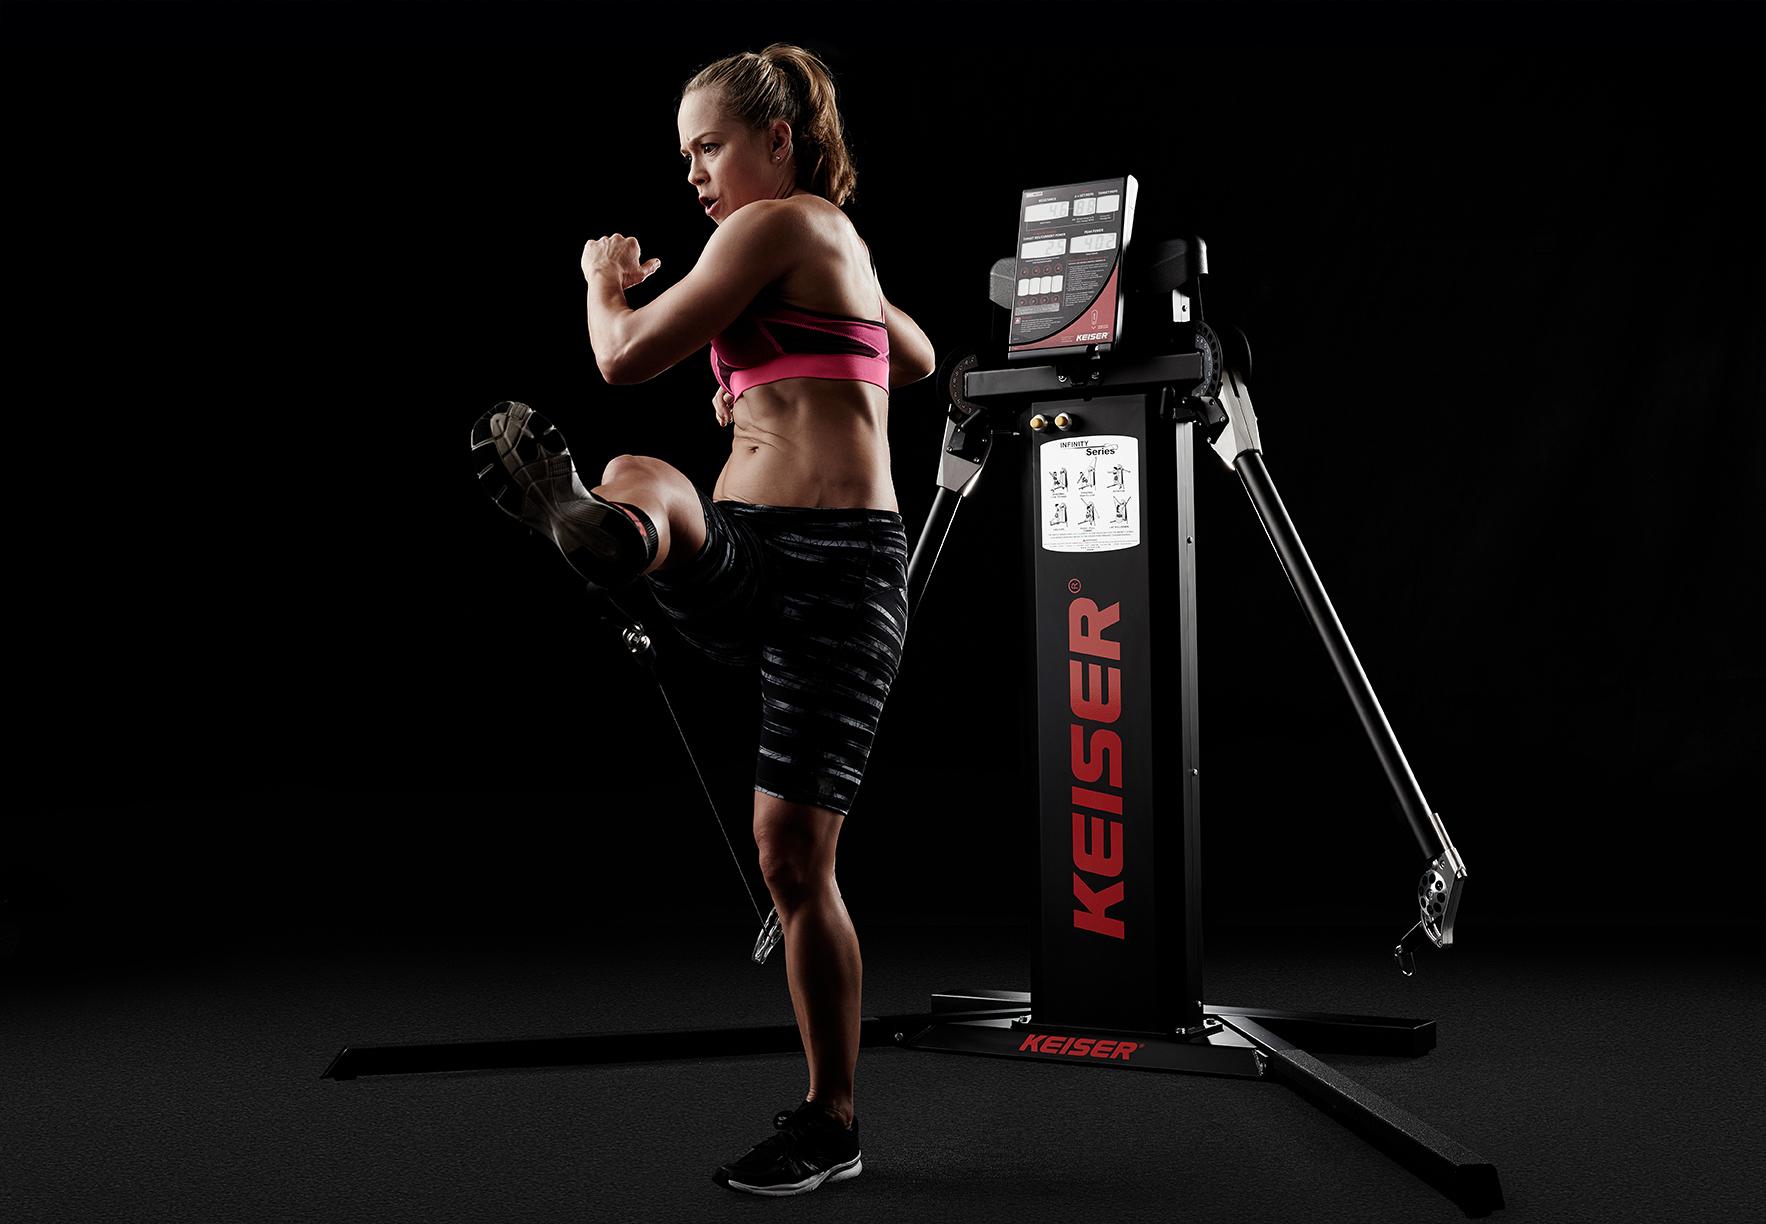 Keiser Functional Trainer - Life Fitness